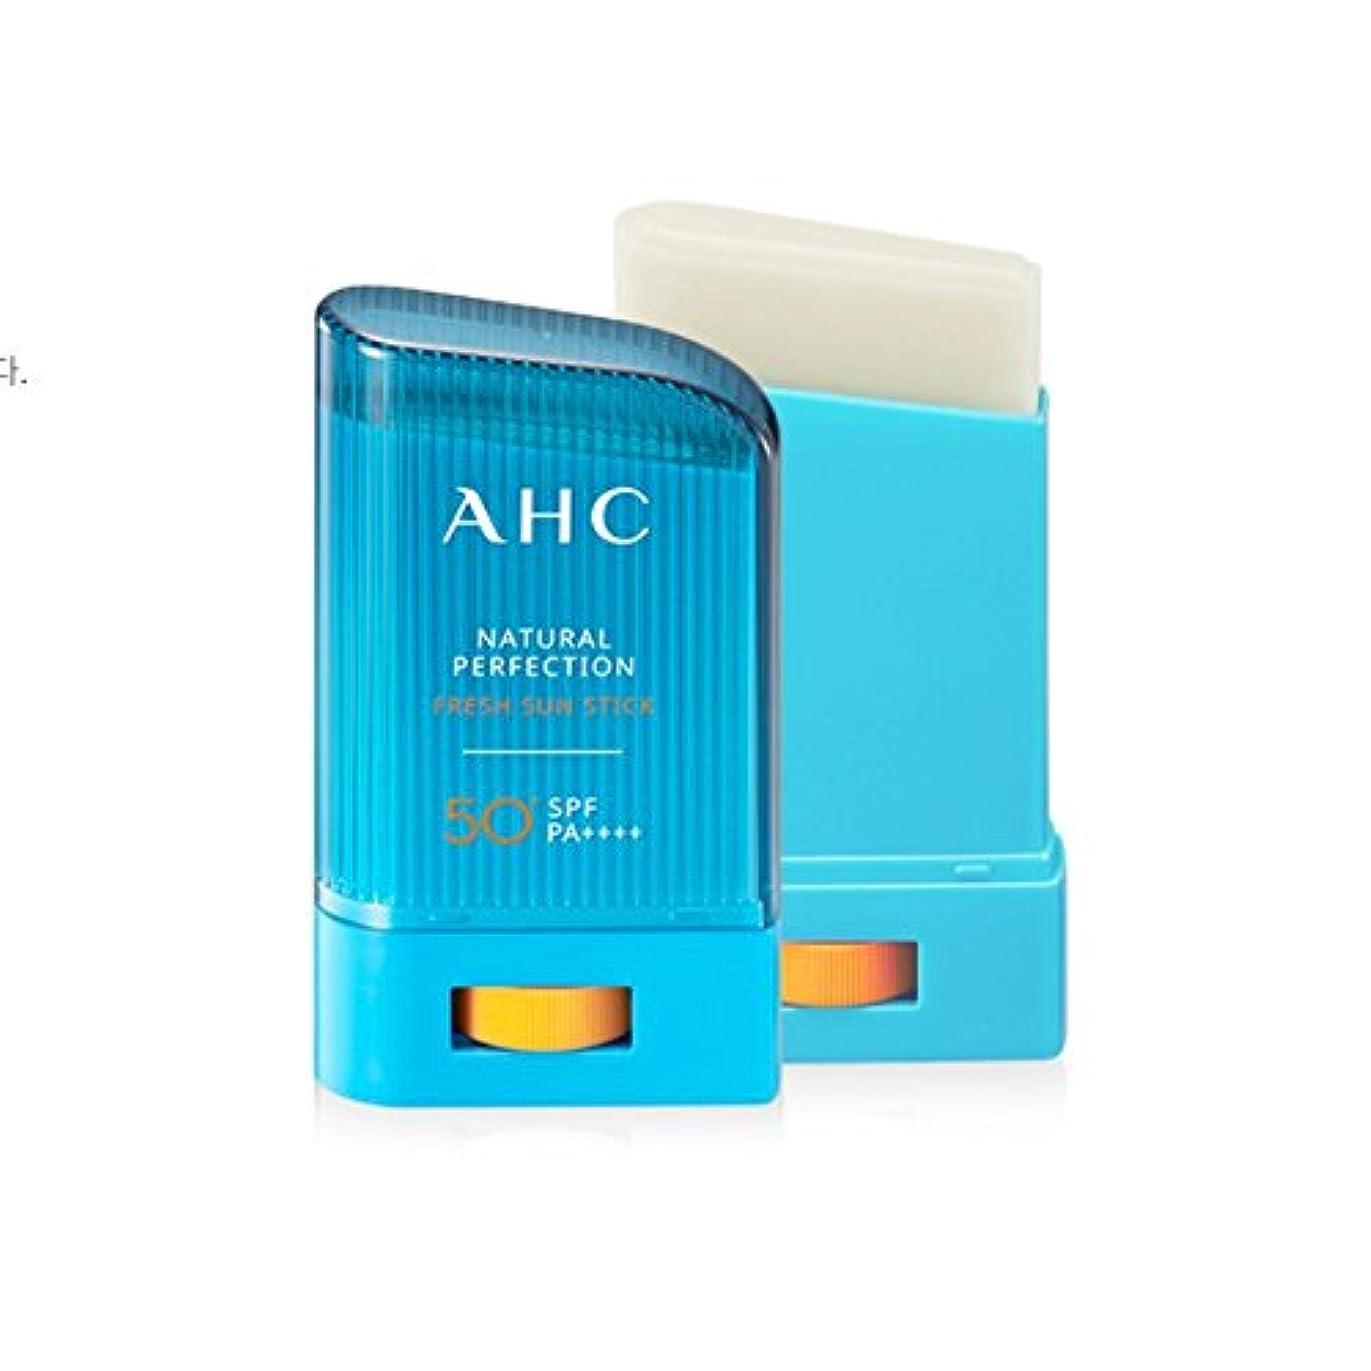 うんざりマチュピチュまともな2018年(Renewal) AHC ナチュラル サン スティック 22g/AHC Natural perfection fresh sun stick (22g) [並行輸入品]